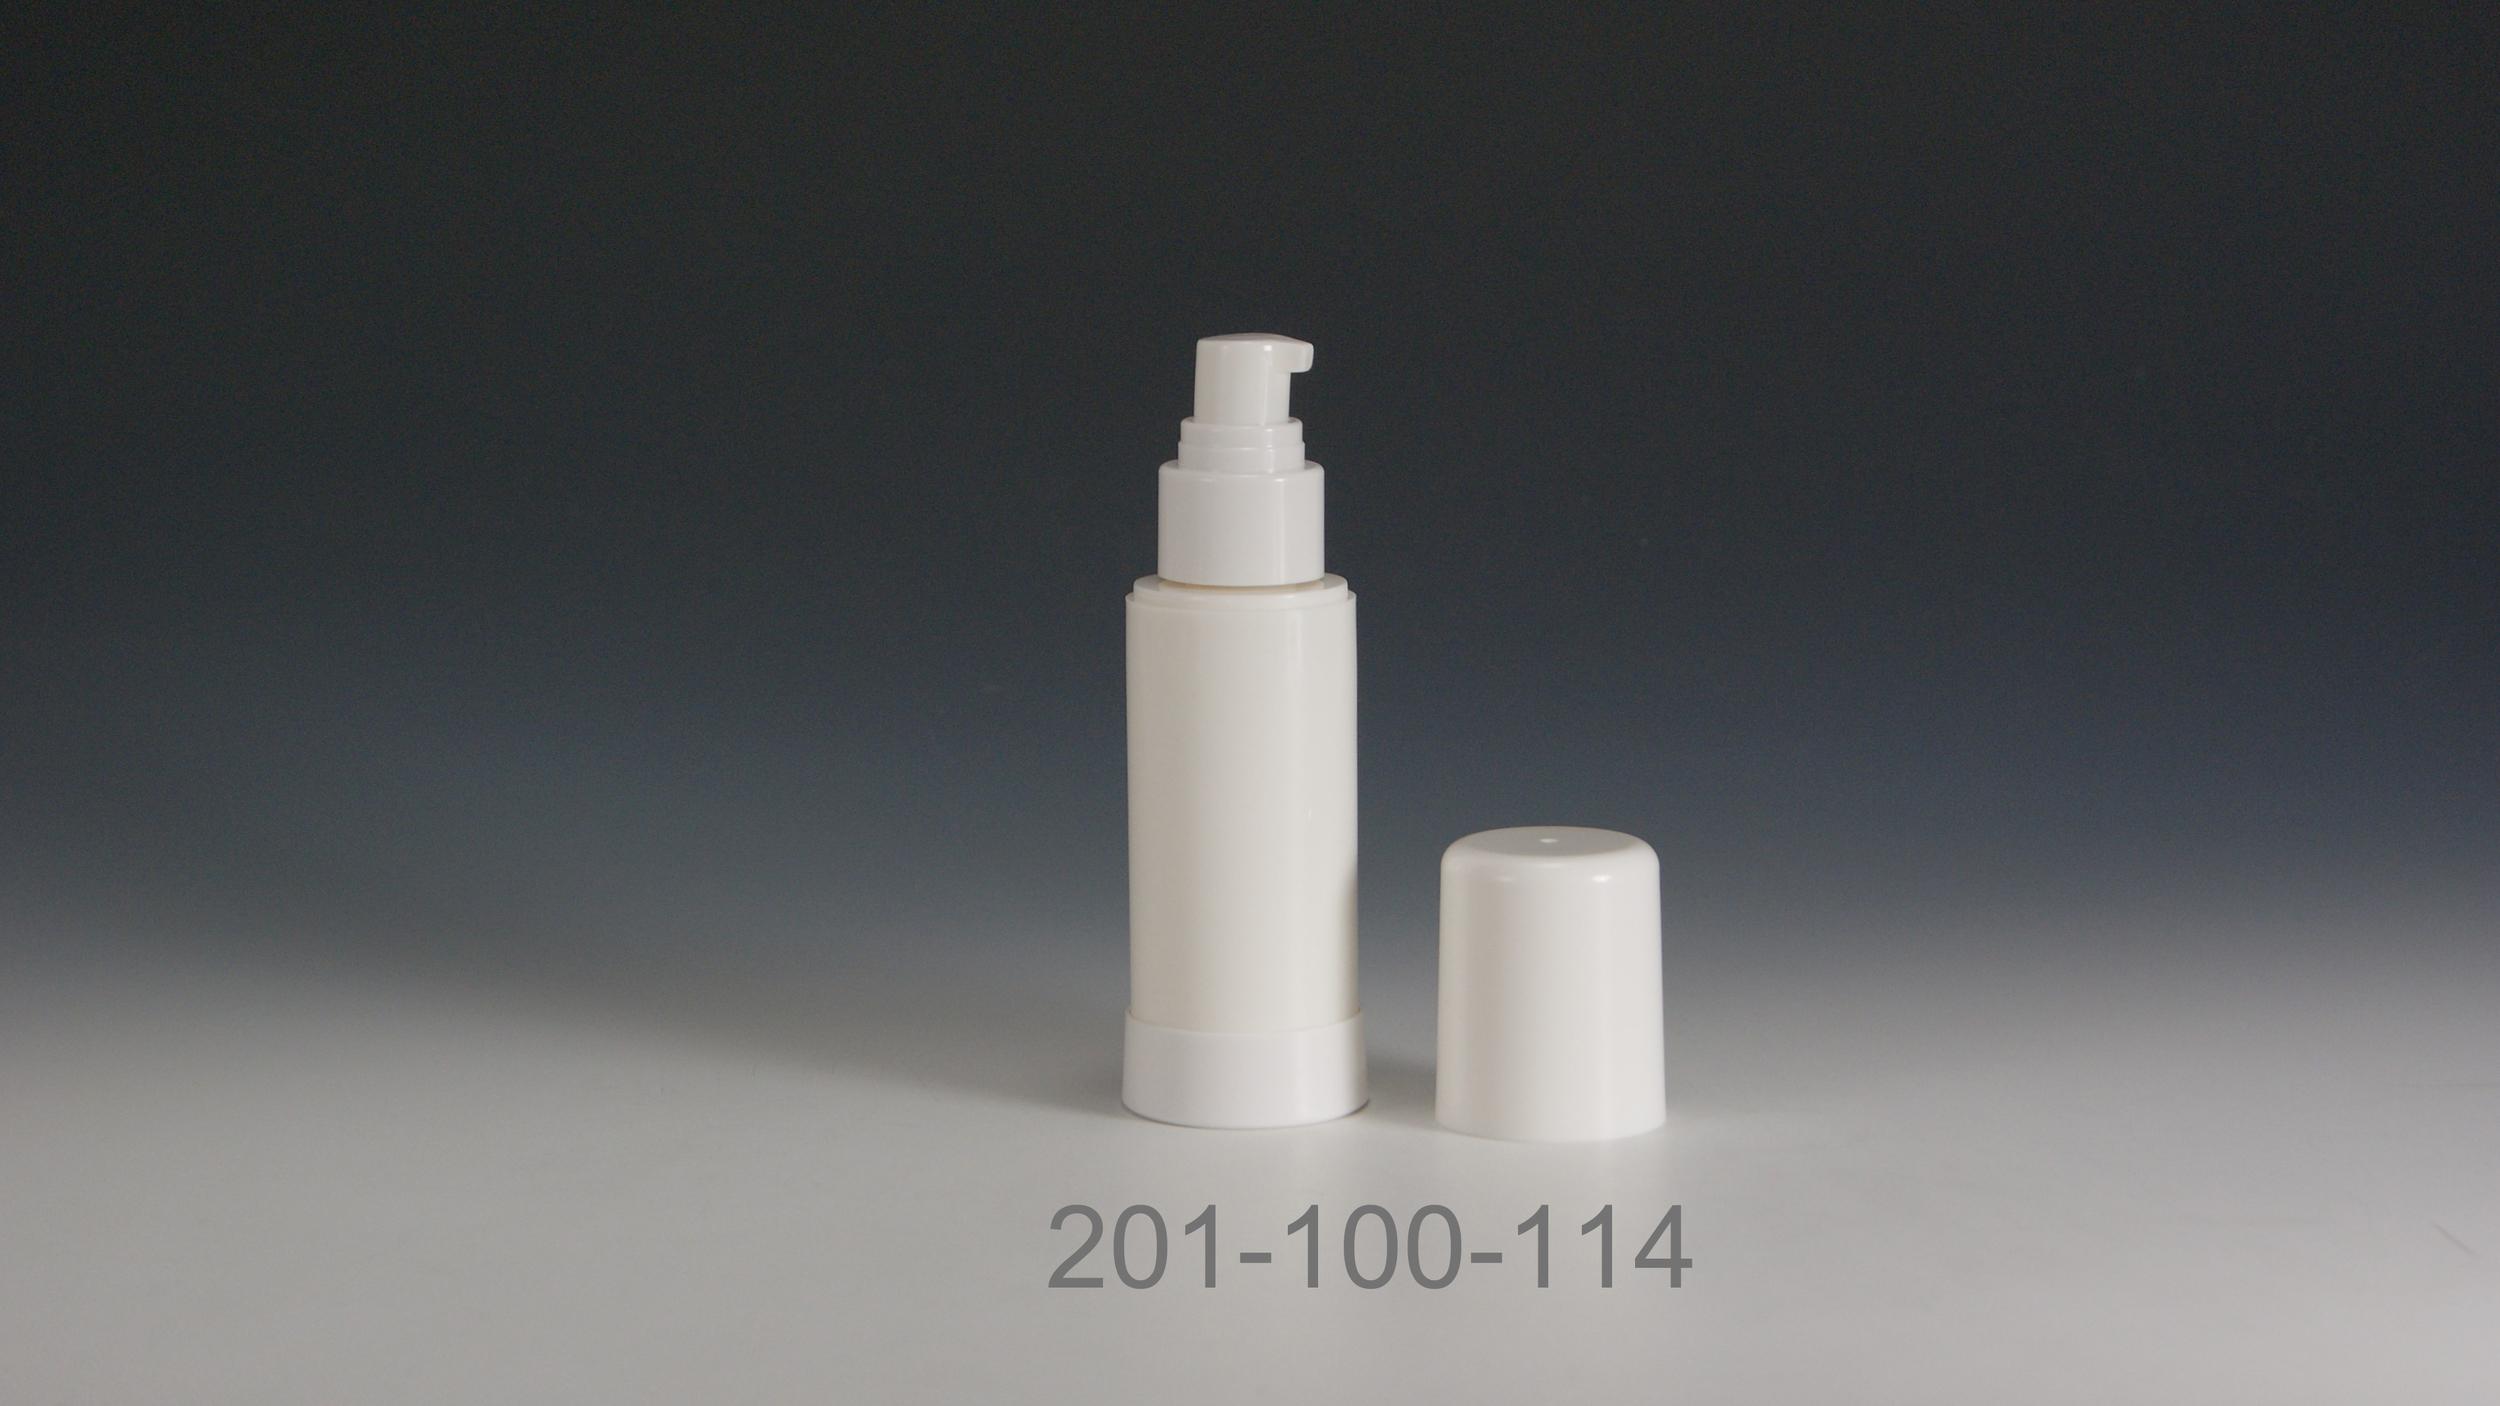 201-100-114.jpg